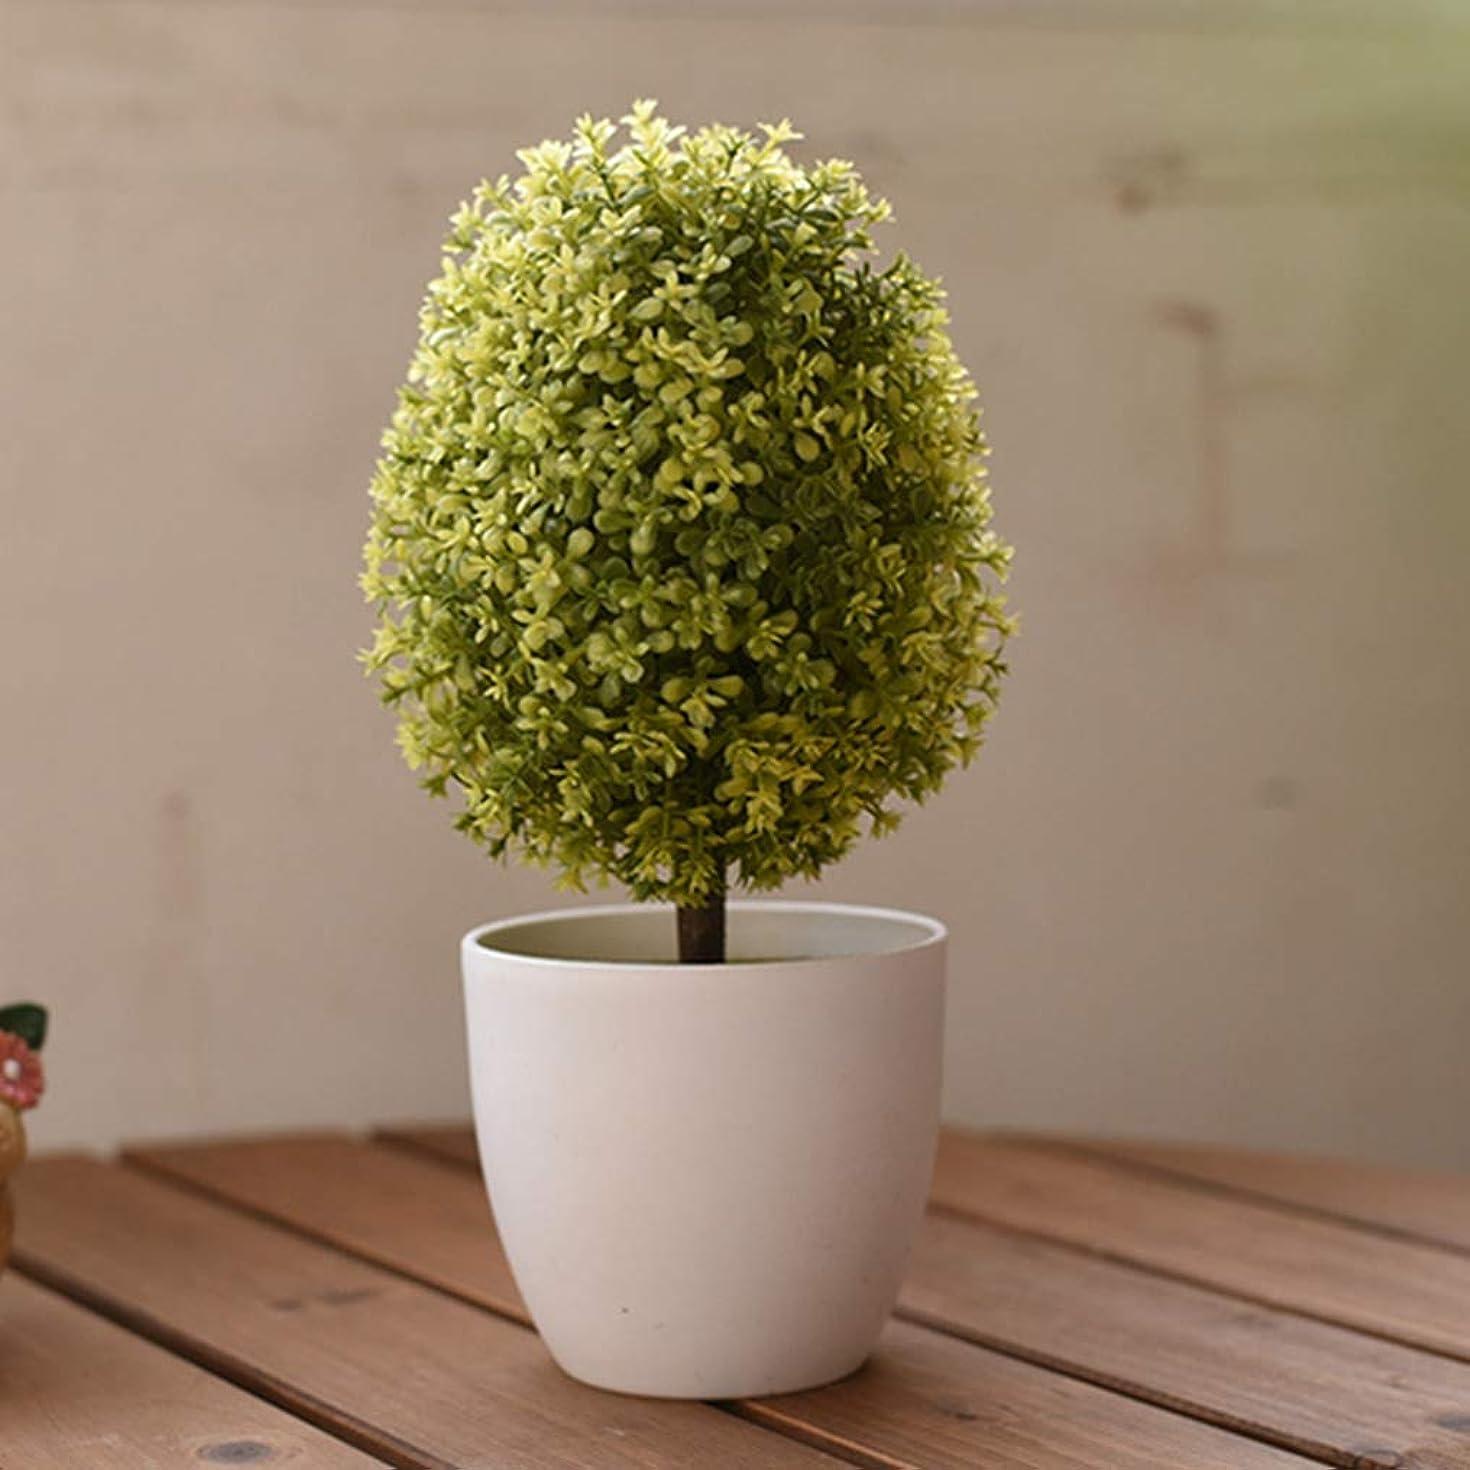 良性コーヒー医師観葉植物 窓際 ボール形状リビング 寝室卓上 フェイクグリーン フェイク リフレッシュ かわいい おしゃれ イエロー カラフル 枯れない きれい プレゼント 25cm 部屋装飾 鉢花造花インテリア 人工観葉植物